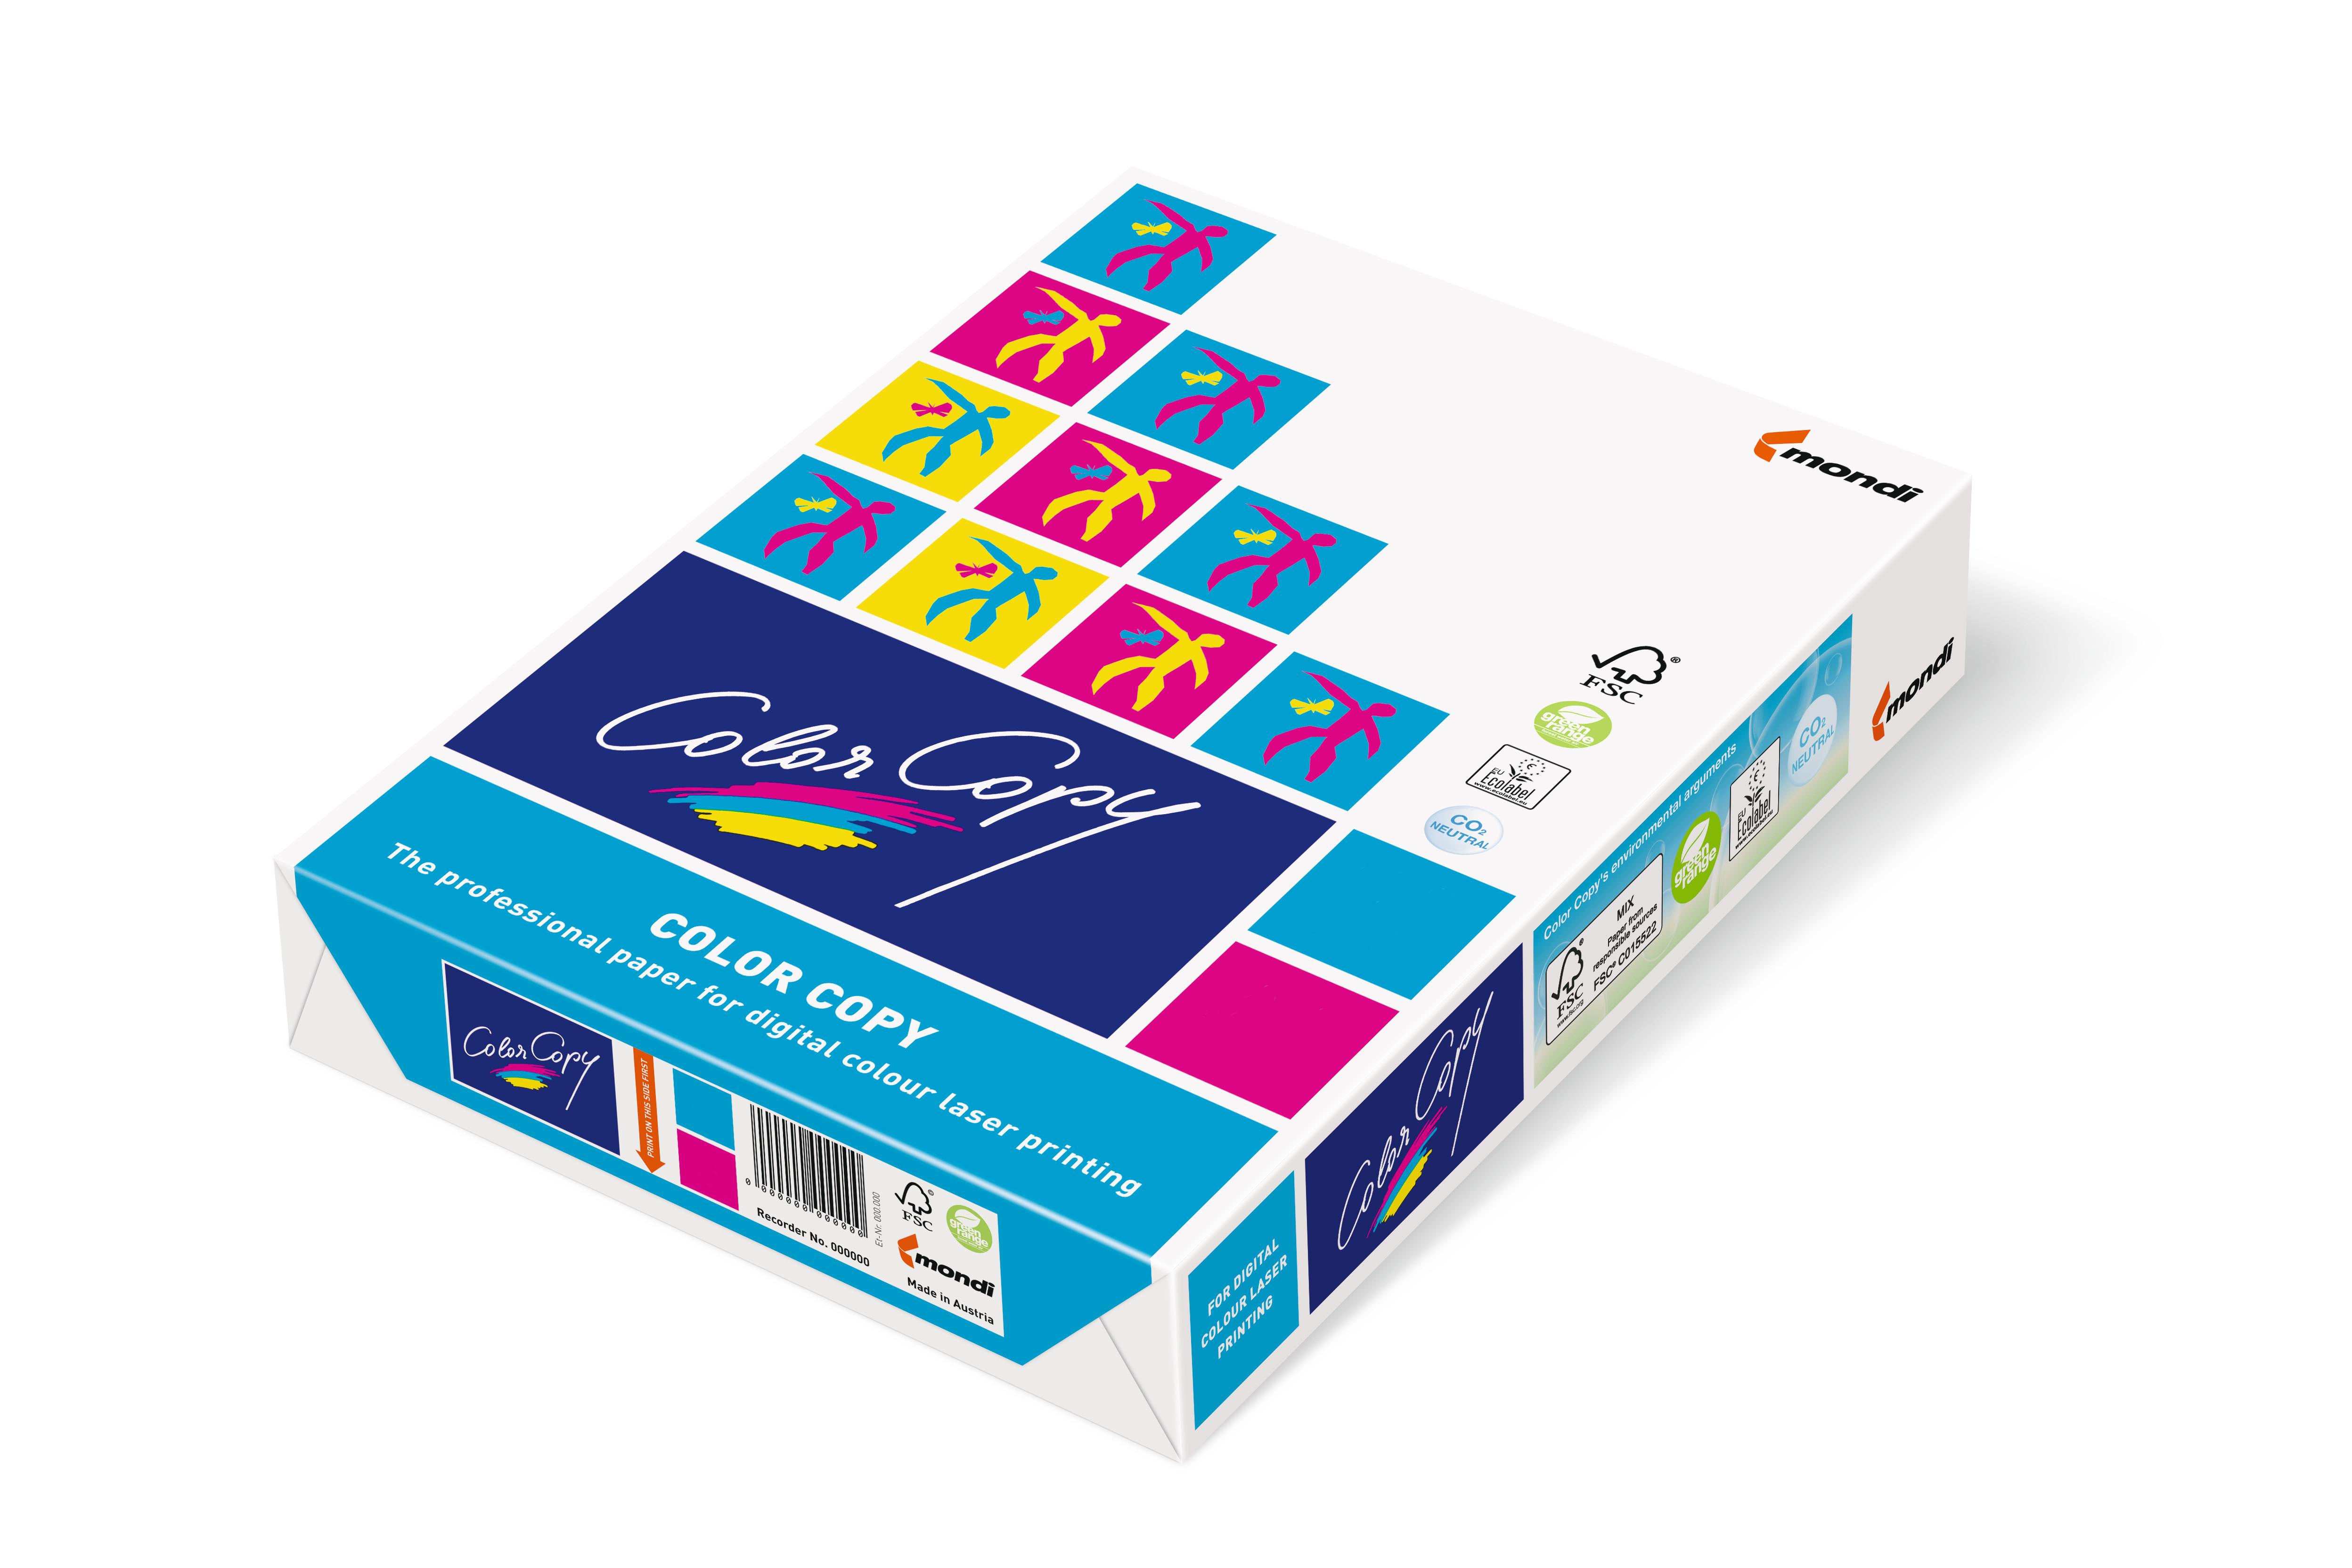 Mondi Color Copy Papier 90g/m² DIN-A3+ (457x305) - 500 Blatt